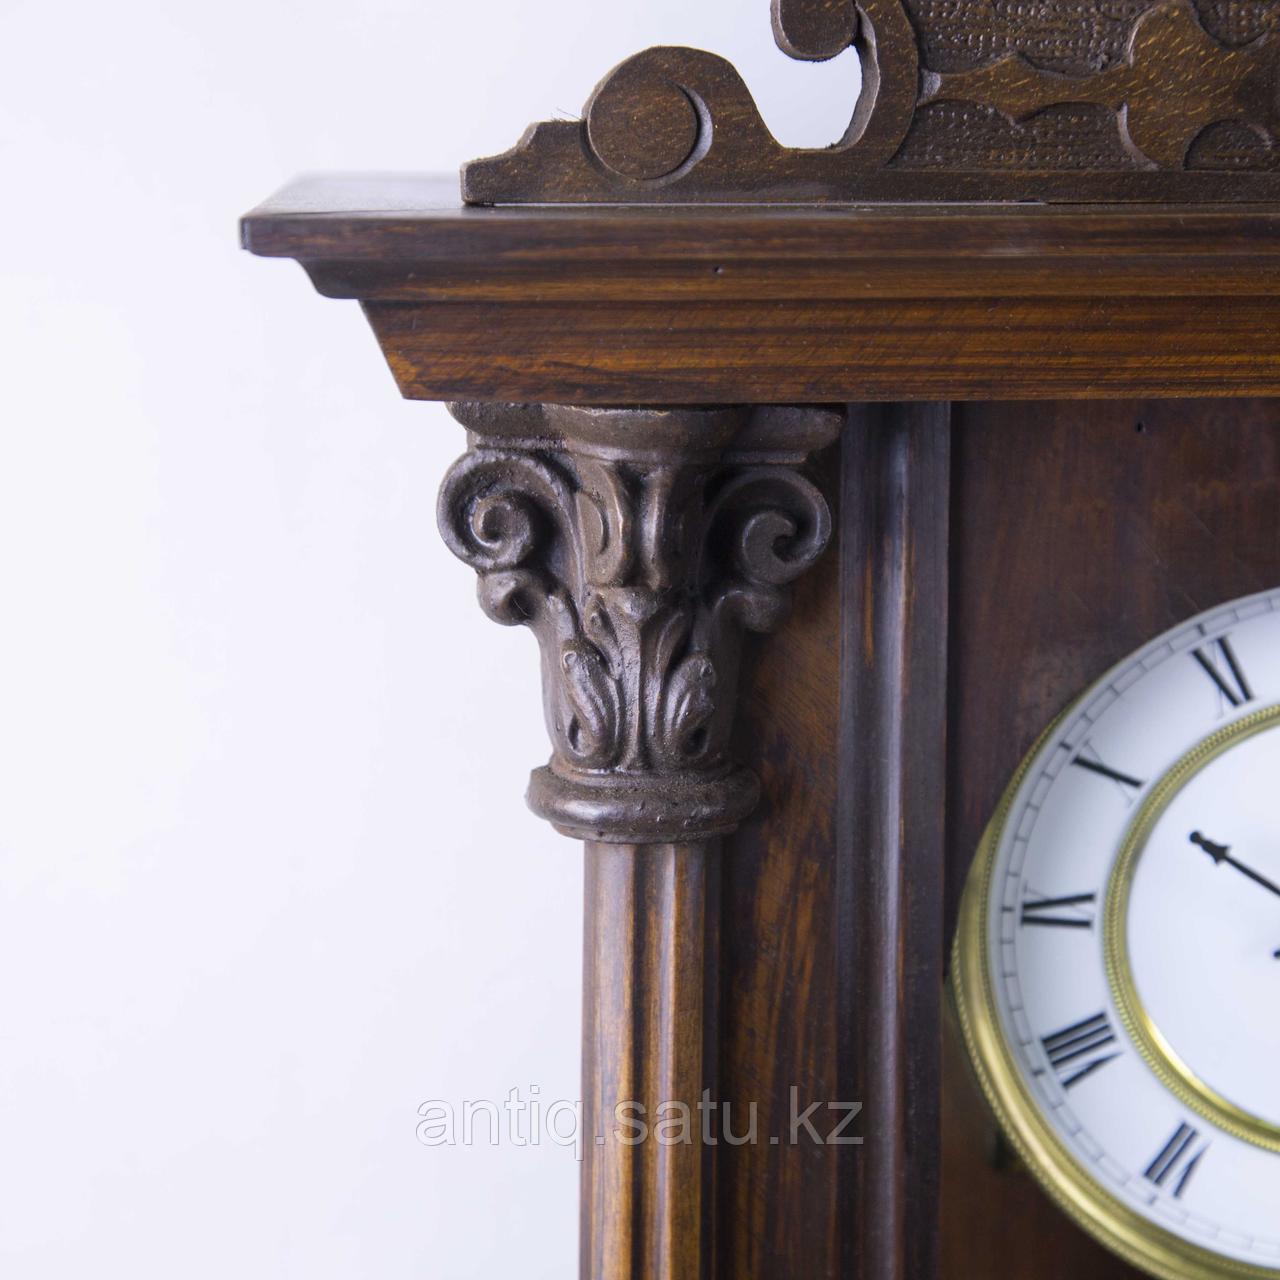 Настенные часы в корпусе классической формы, выполненные из массива дерева. - фото 3